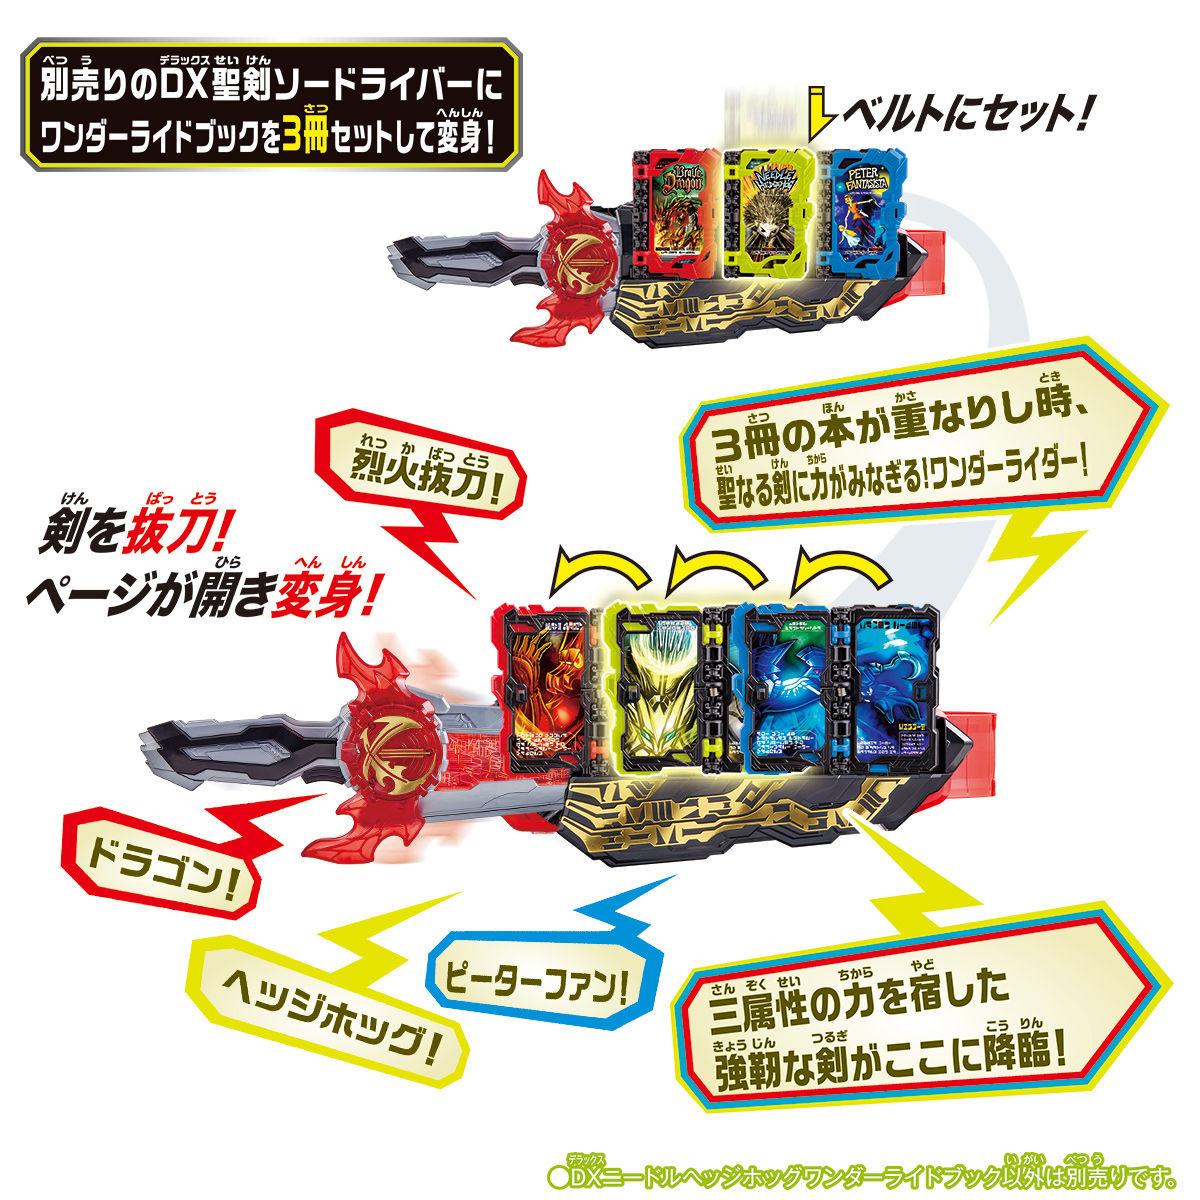 仮面ライダーセイバー『DXニードルヘッジホッグワンダーライドブック』変身なりきり-004